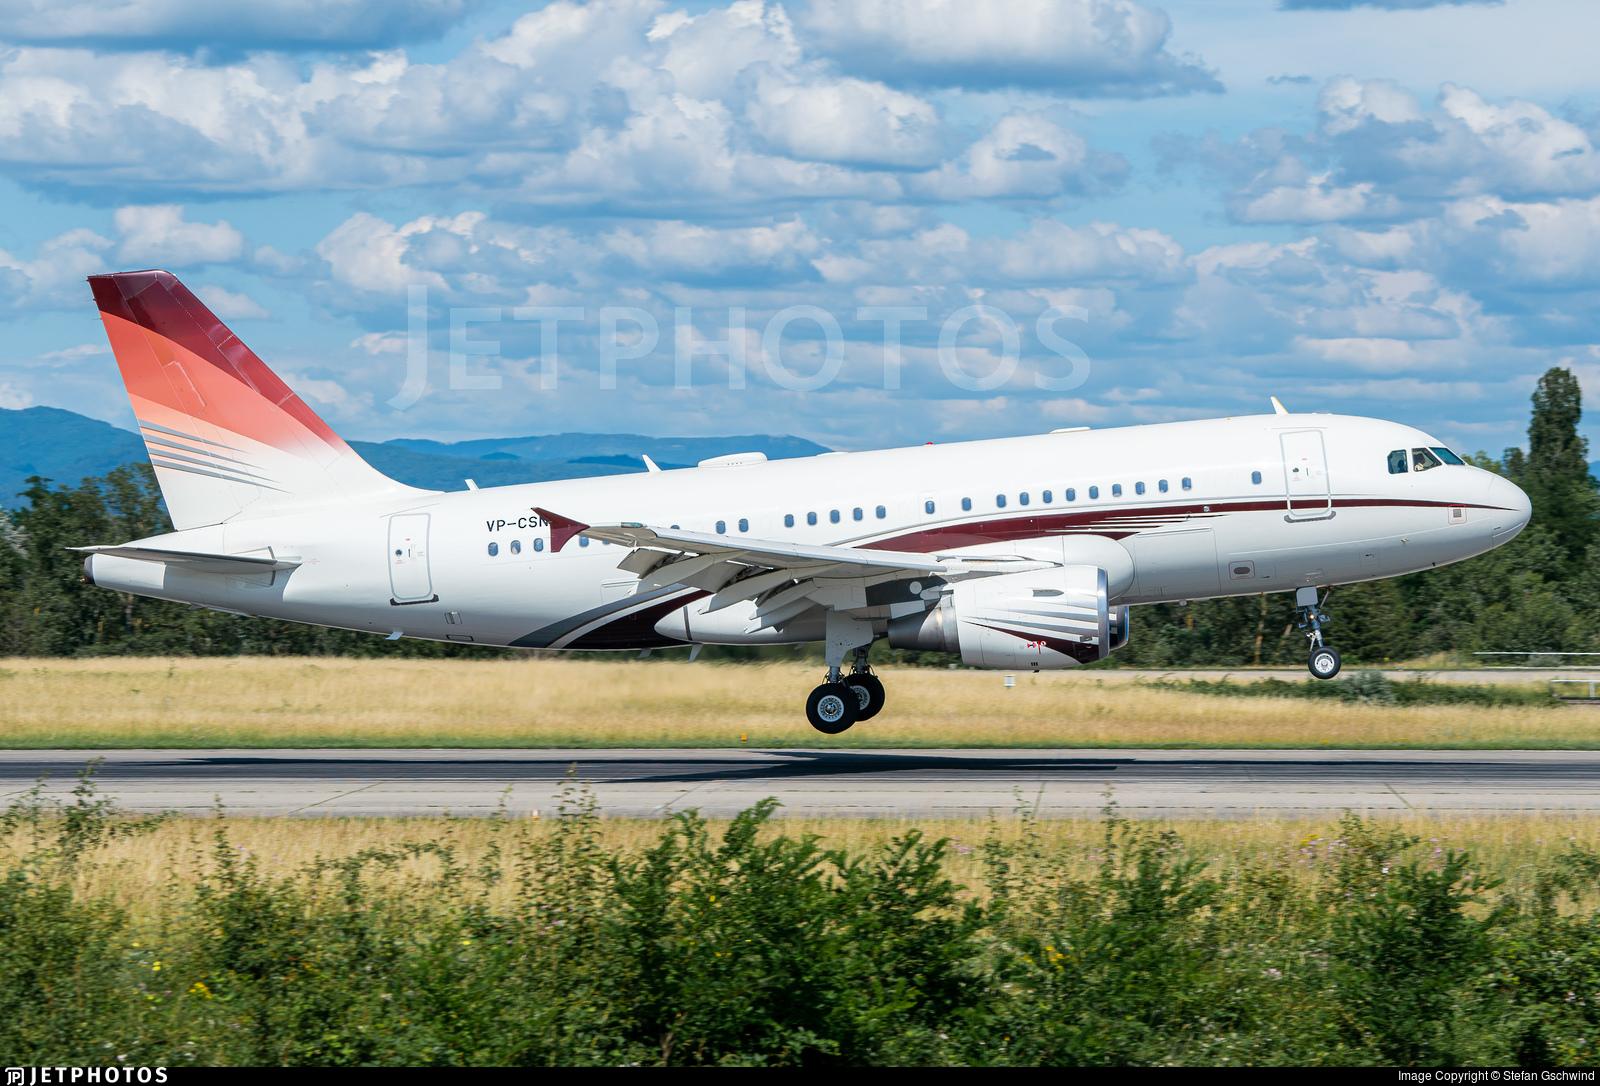 VP-CSN - Airbus A319-115X(CJ) - Private